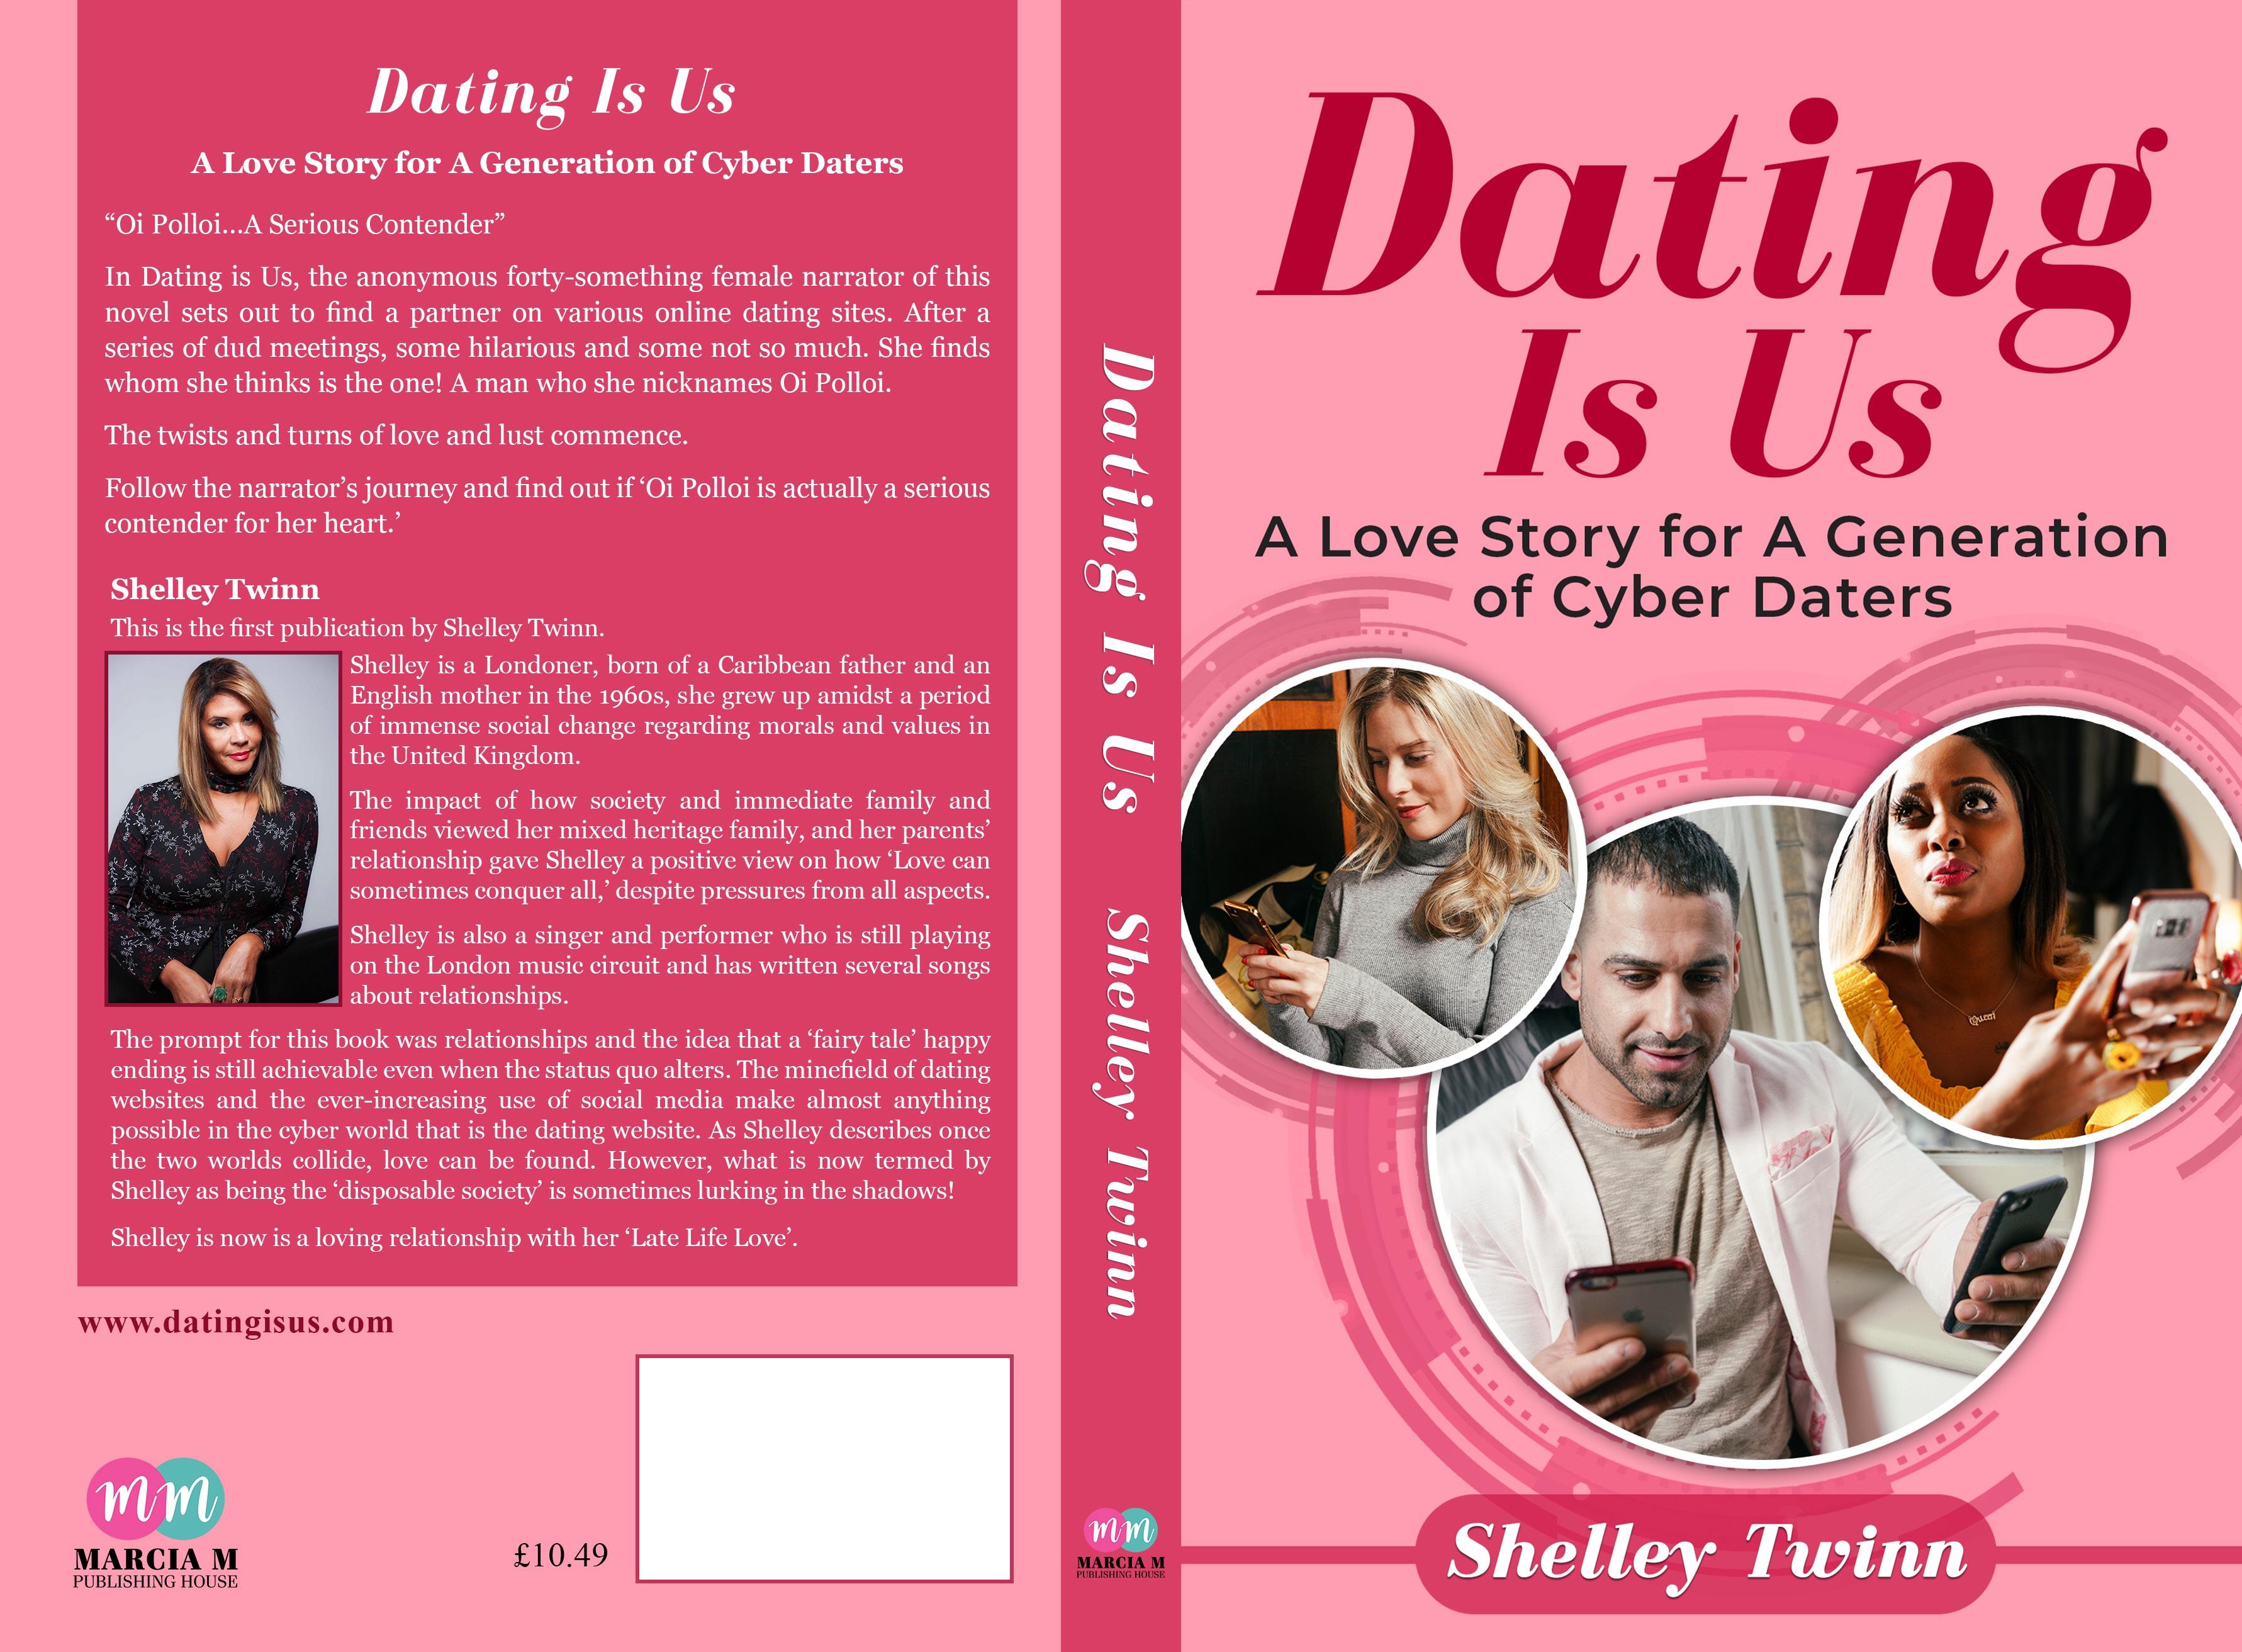 Ich brauche amerikanische Dating-Website Abweichende Geschwindigkeit Dating